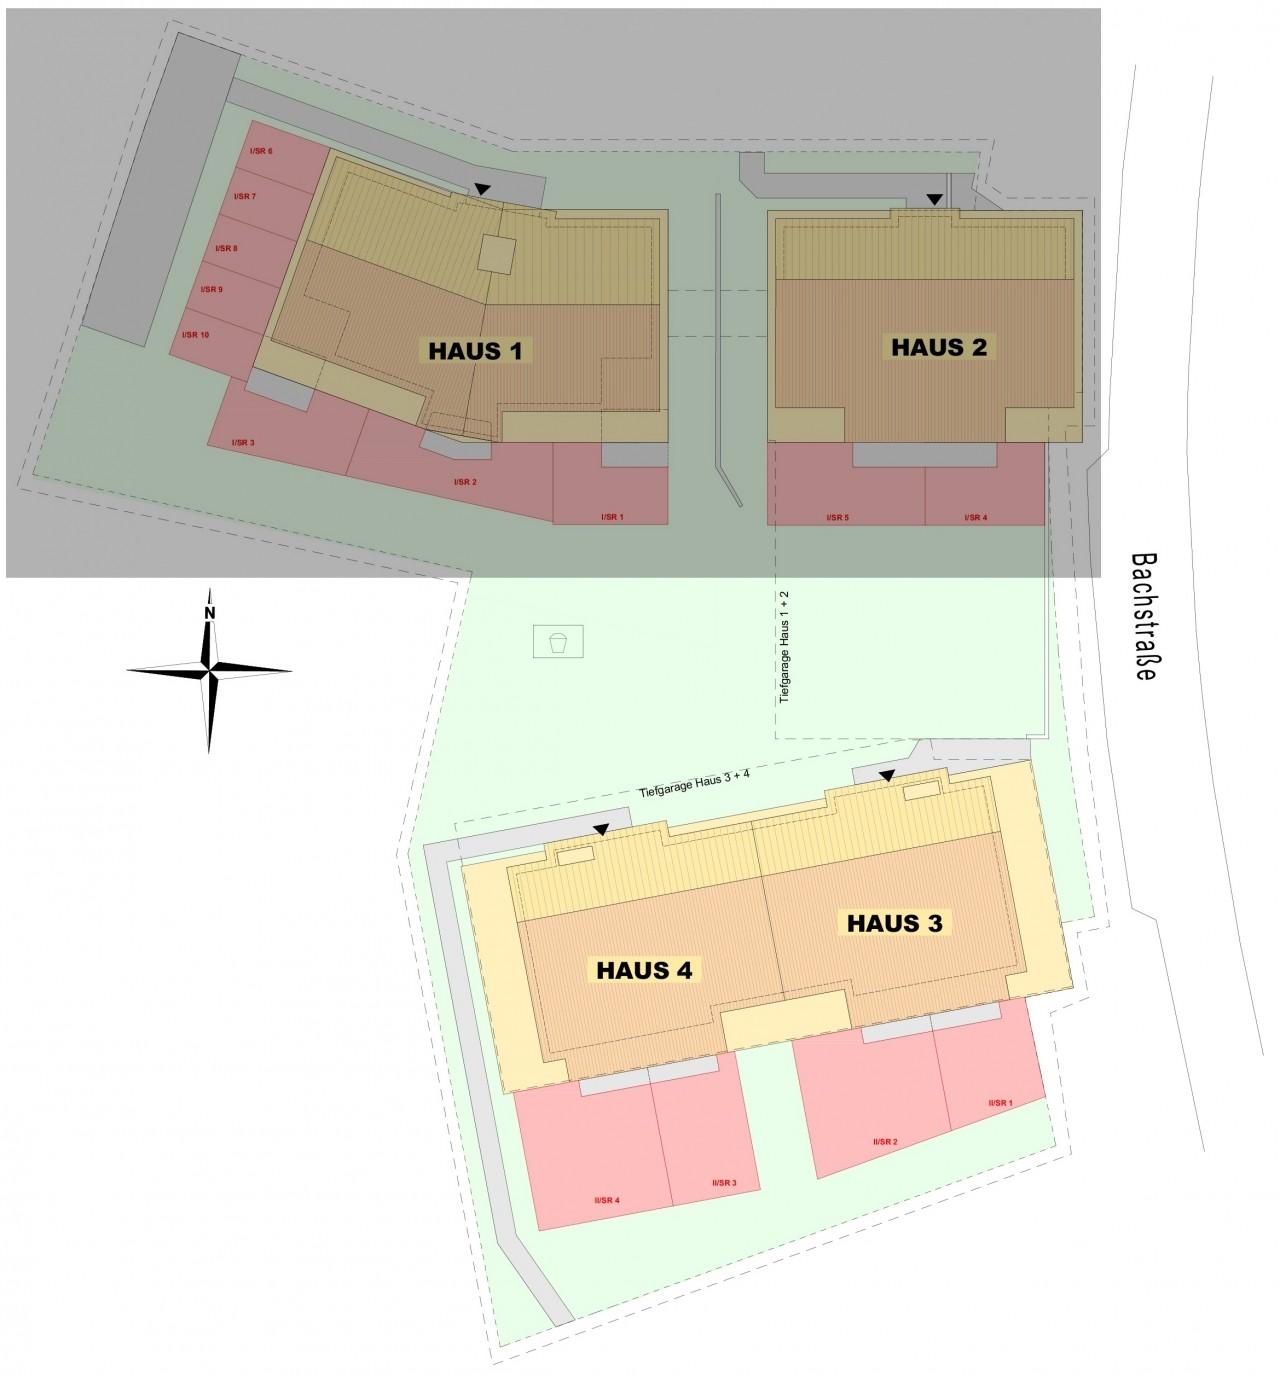 Lageplan 2. Bauabschnitt, Häuser 3 + 4